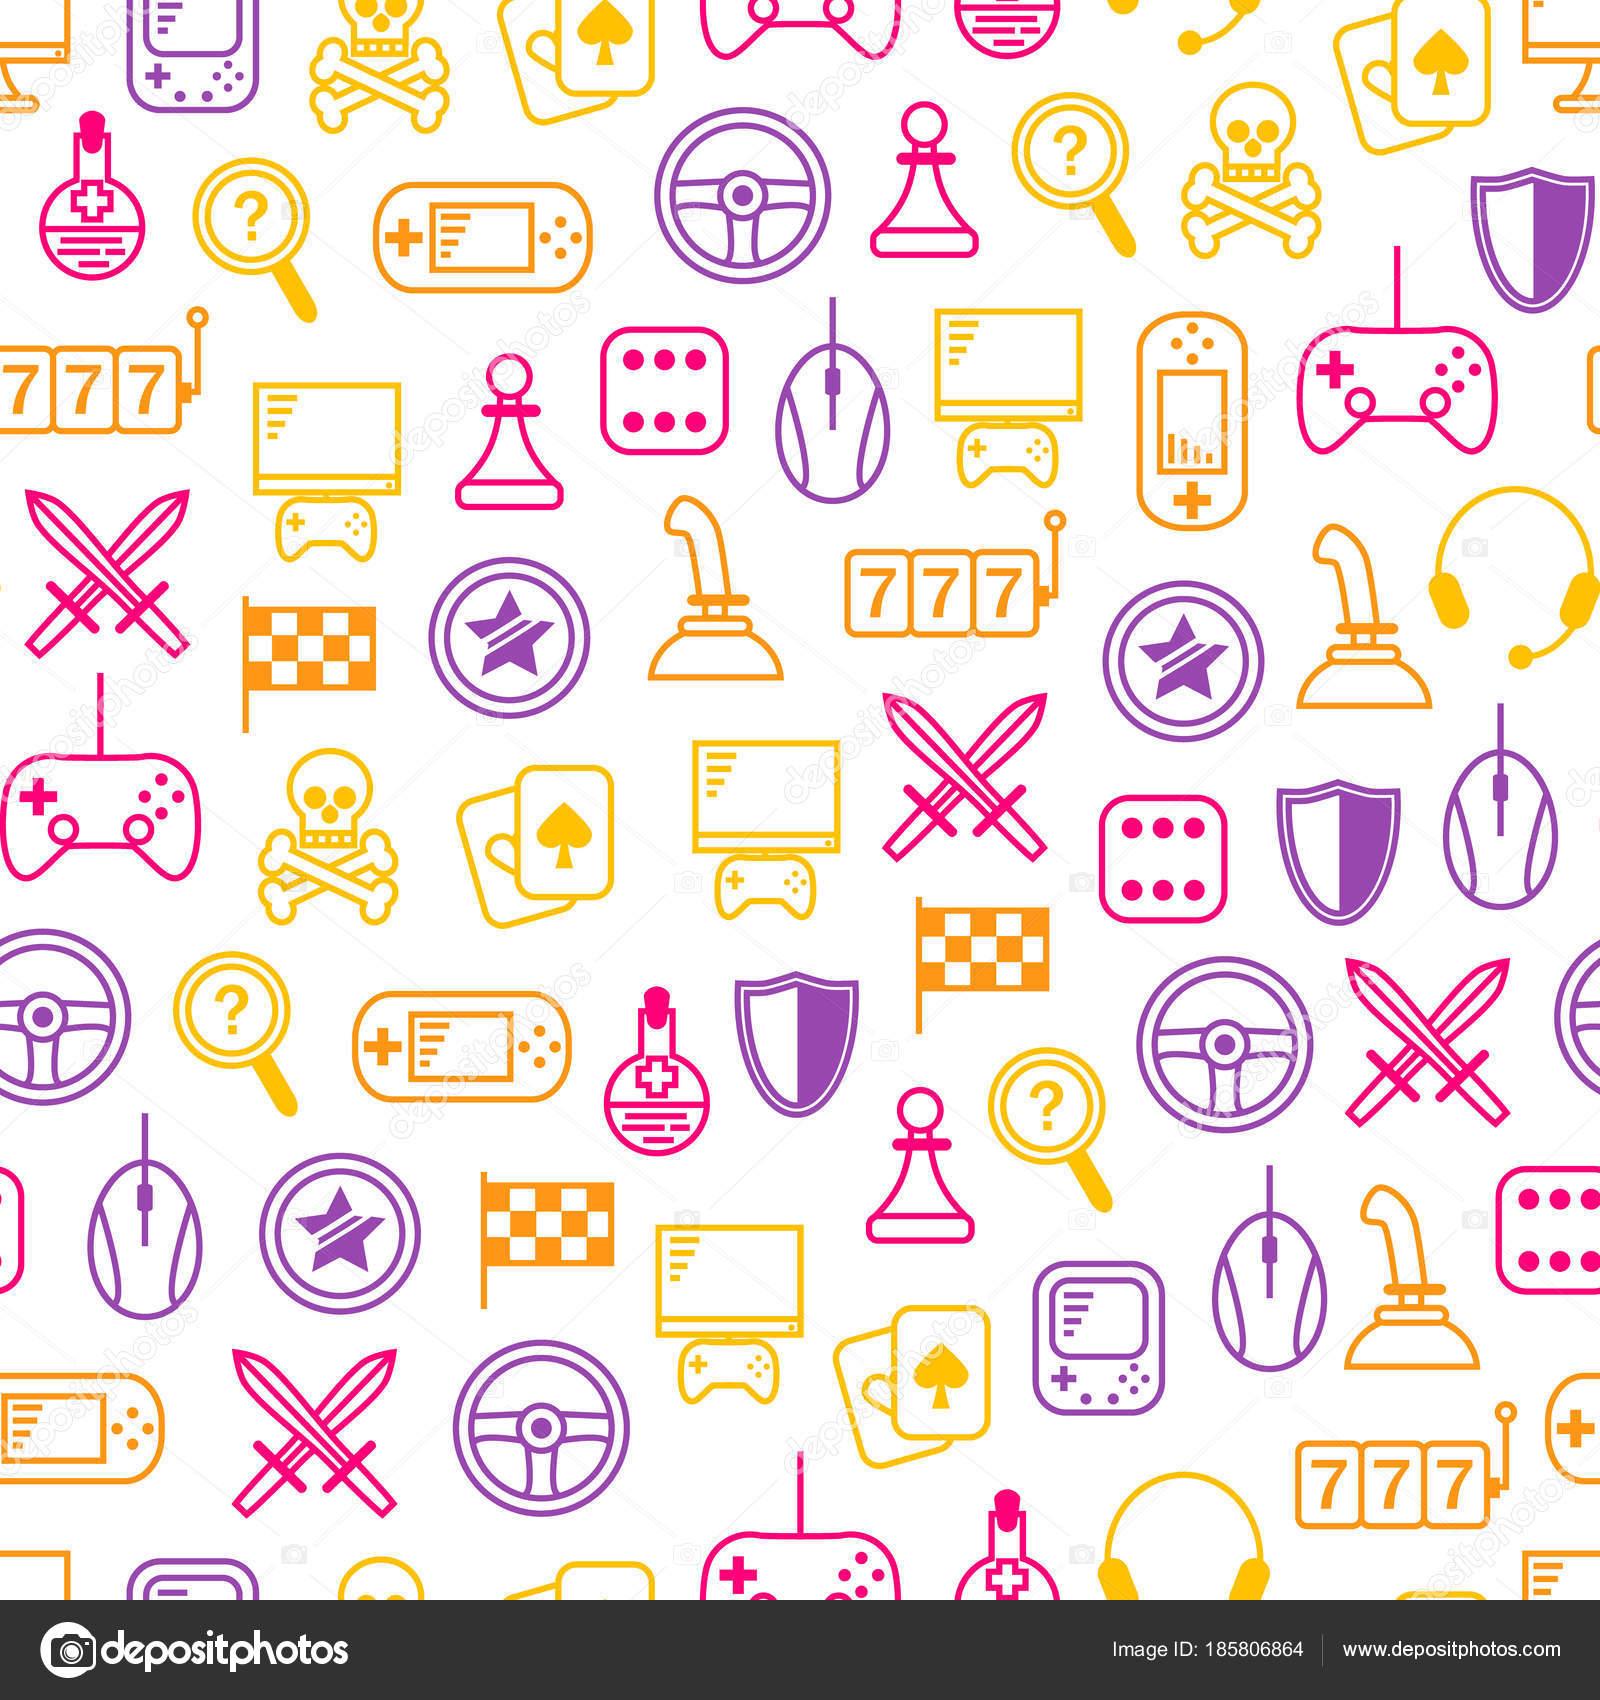 Сообщить об игровых автоматах